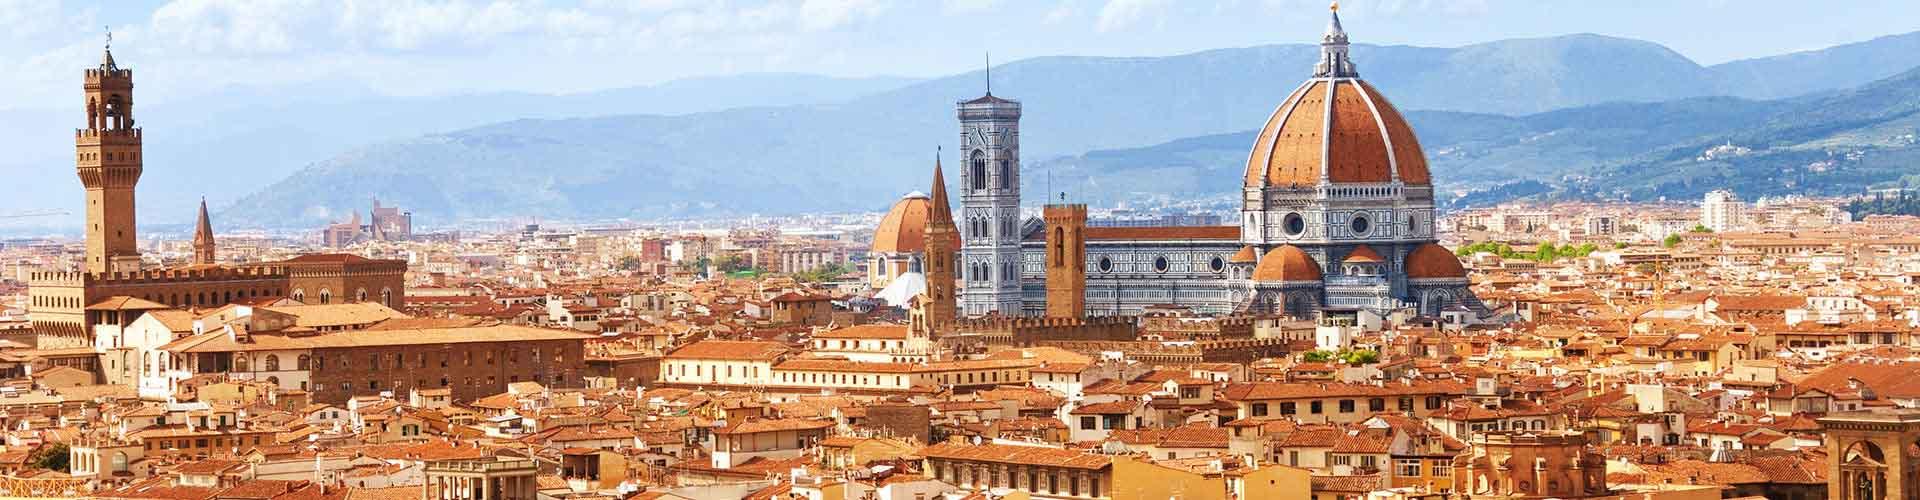 피렌체 - Porta al Prato 지구의 호스텔. 피렌체의 지도, 피렌체에 위치한 호스텔 사진 및 후기 정보.